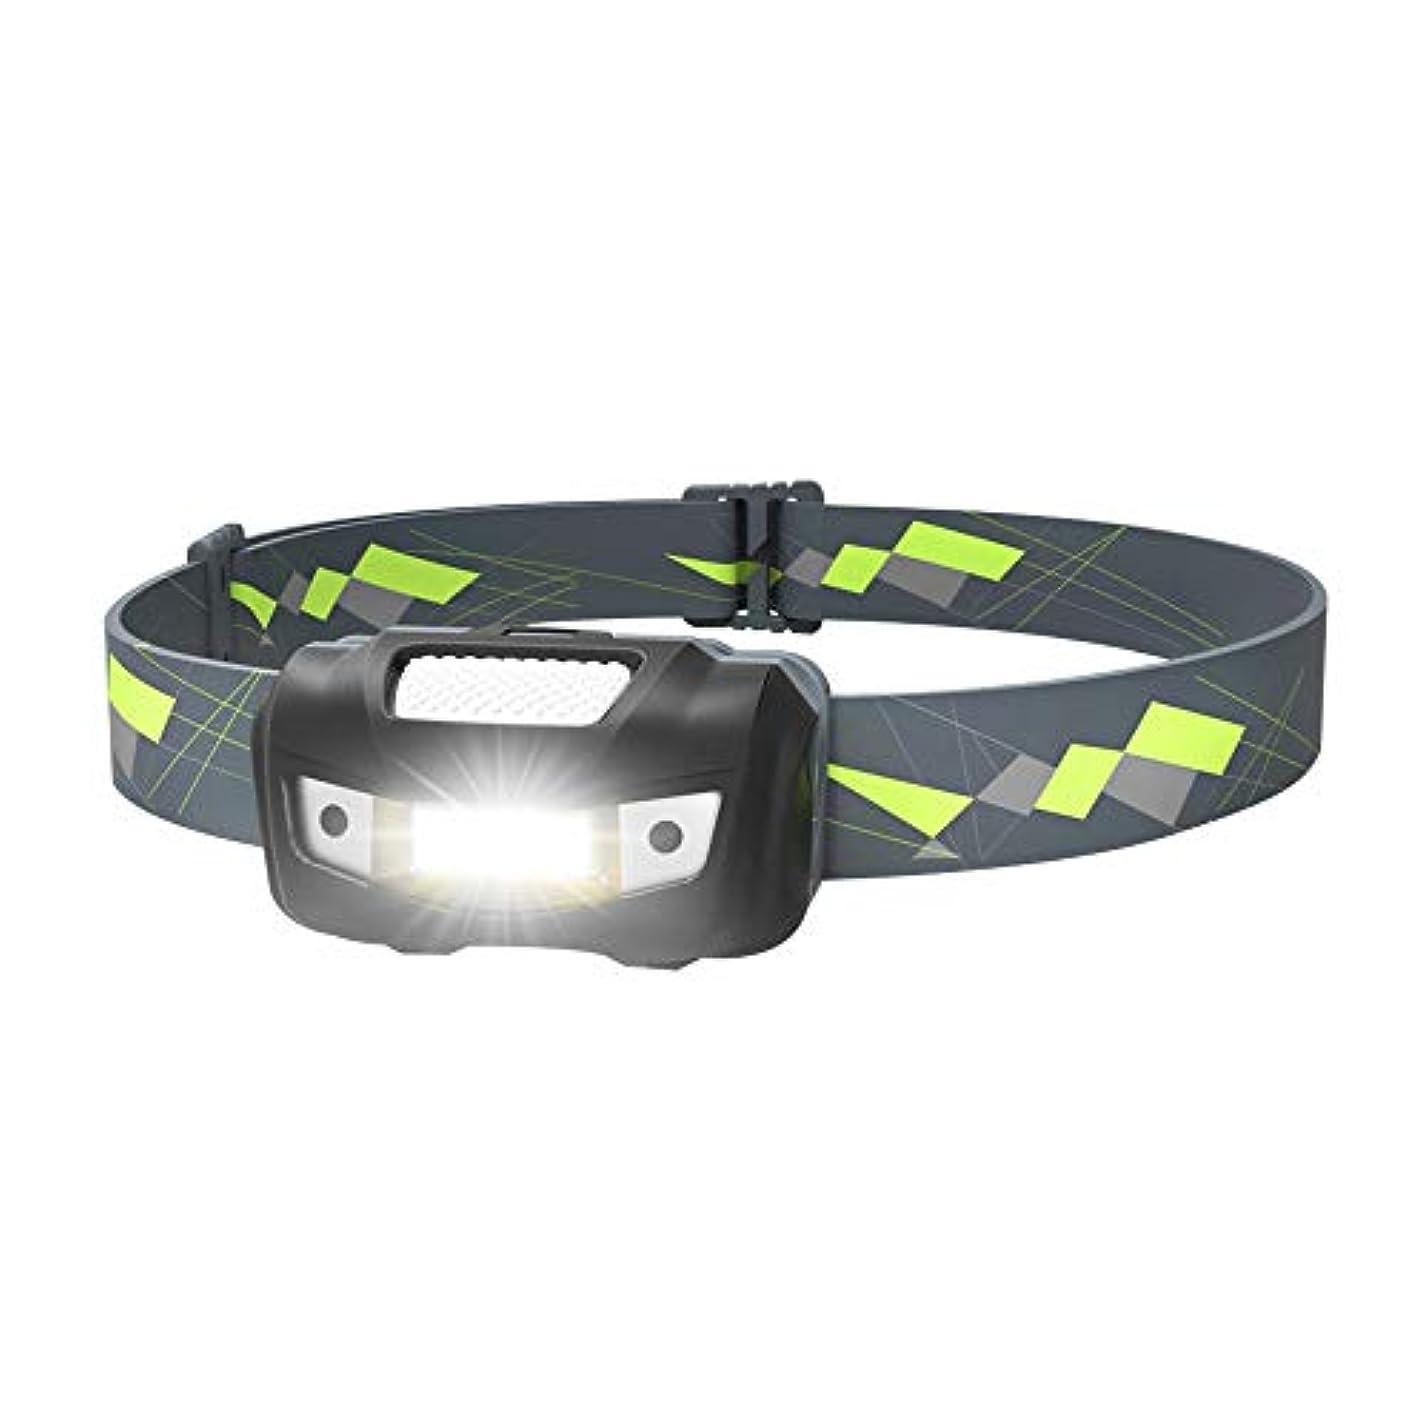 スポンサーポーターを通してMIC LEDヘッドライトセンサー機能 COBミニヘッドランプ 乾電池アウトドアライト 小型軽量/ 125ルーメン/実用点灯13時間/ IPX6防水 登山/キャンプ/サイクリング/ハイキング/防災/夜釣り/非常時用